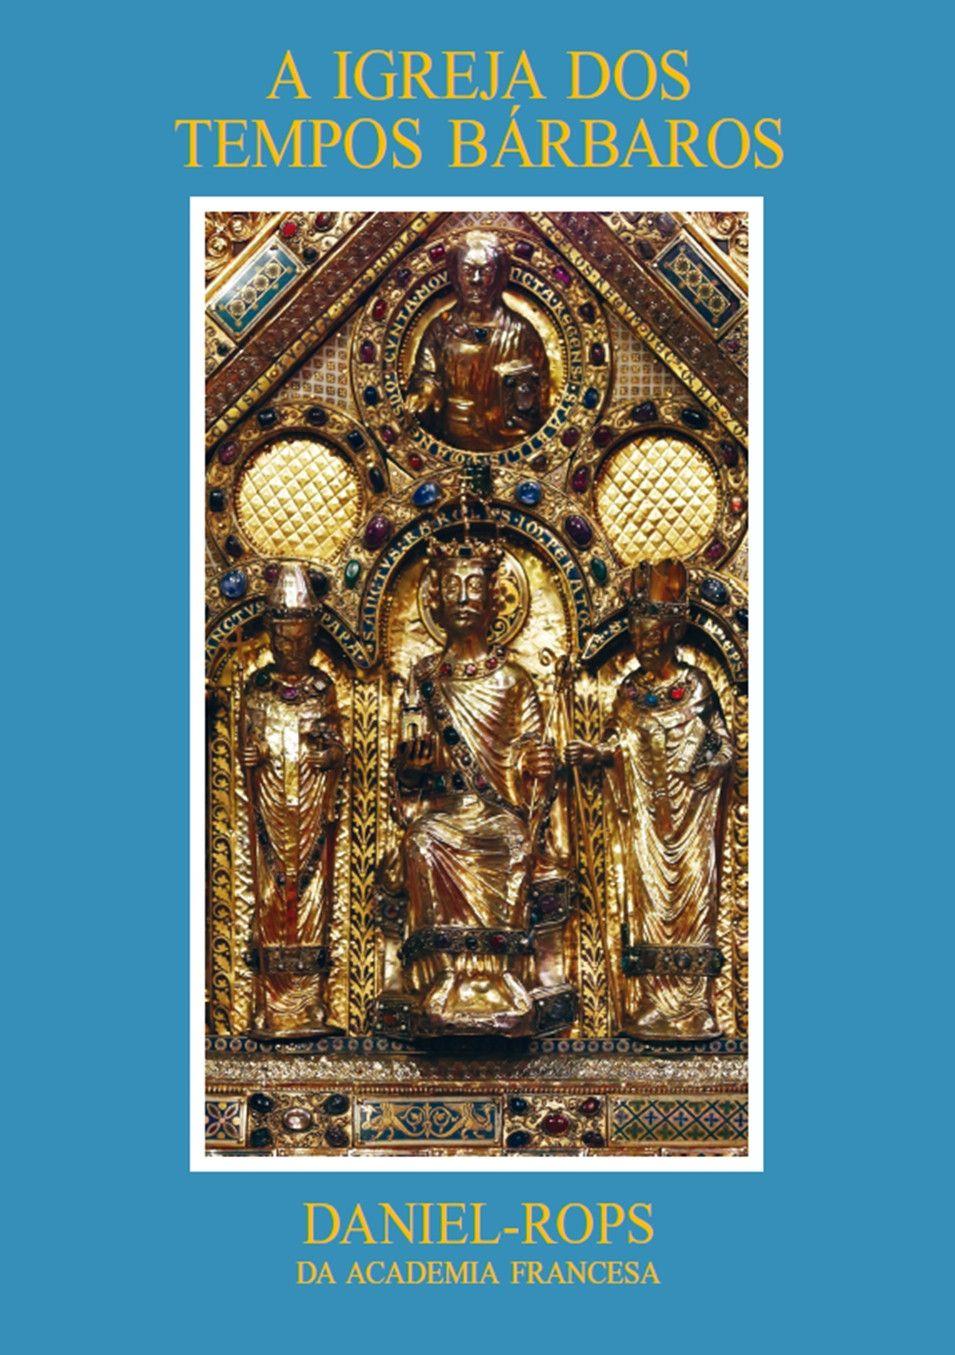 A Igreja dos tempos bárbaros - Volume II